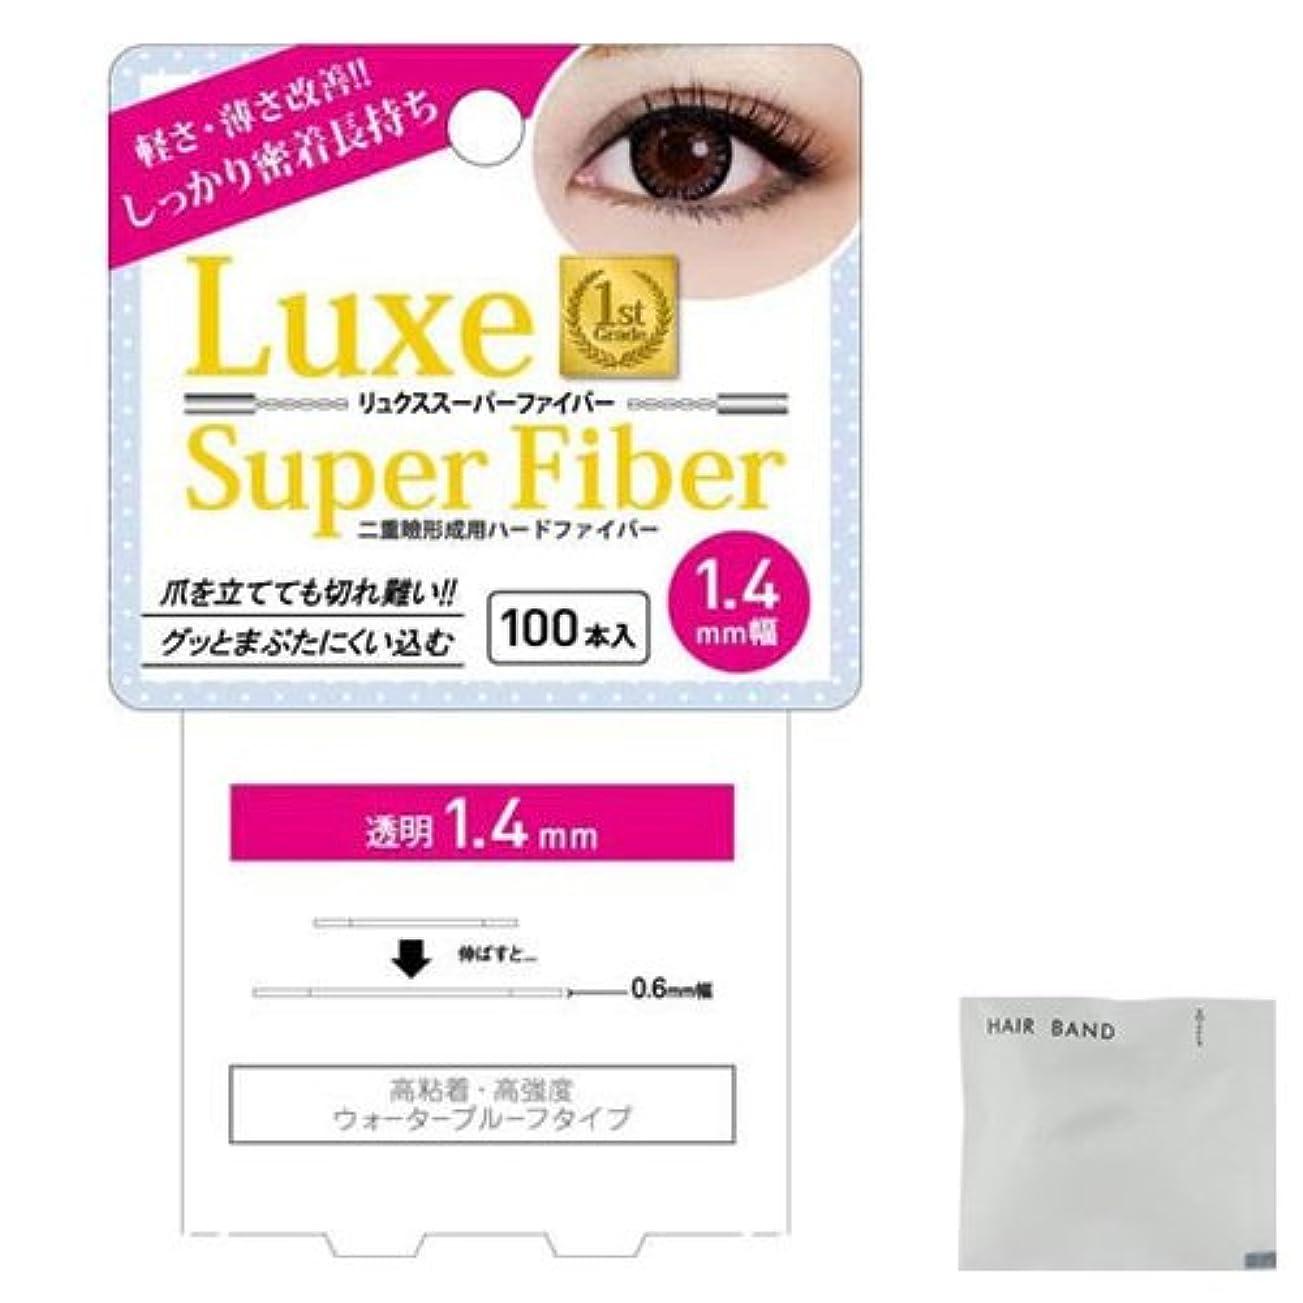 ばかげている発表入場料Luxe スーパーファイバーⅡ (Super Fiber) クリア1.4mm + ヘアゴム(カラーはおまかせ)セット